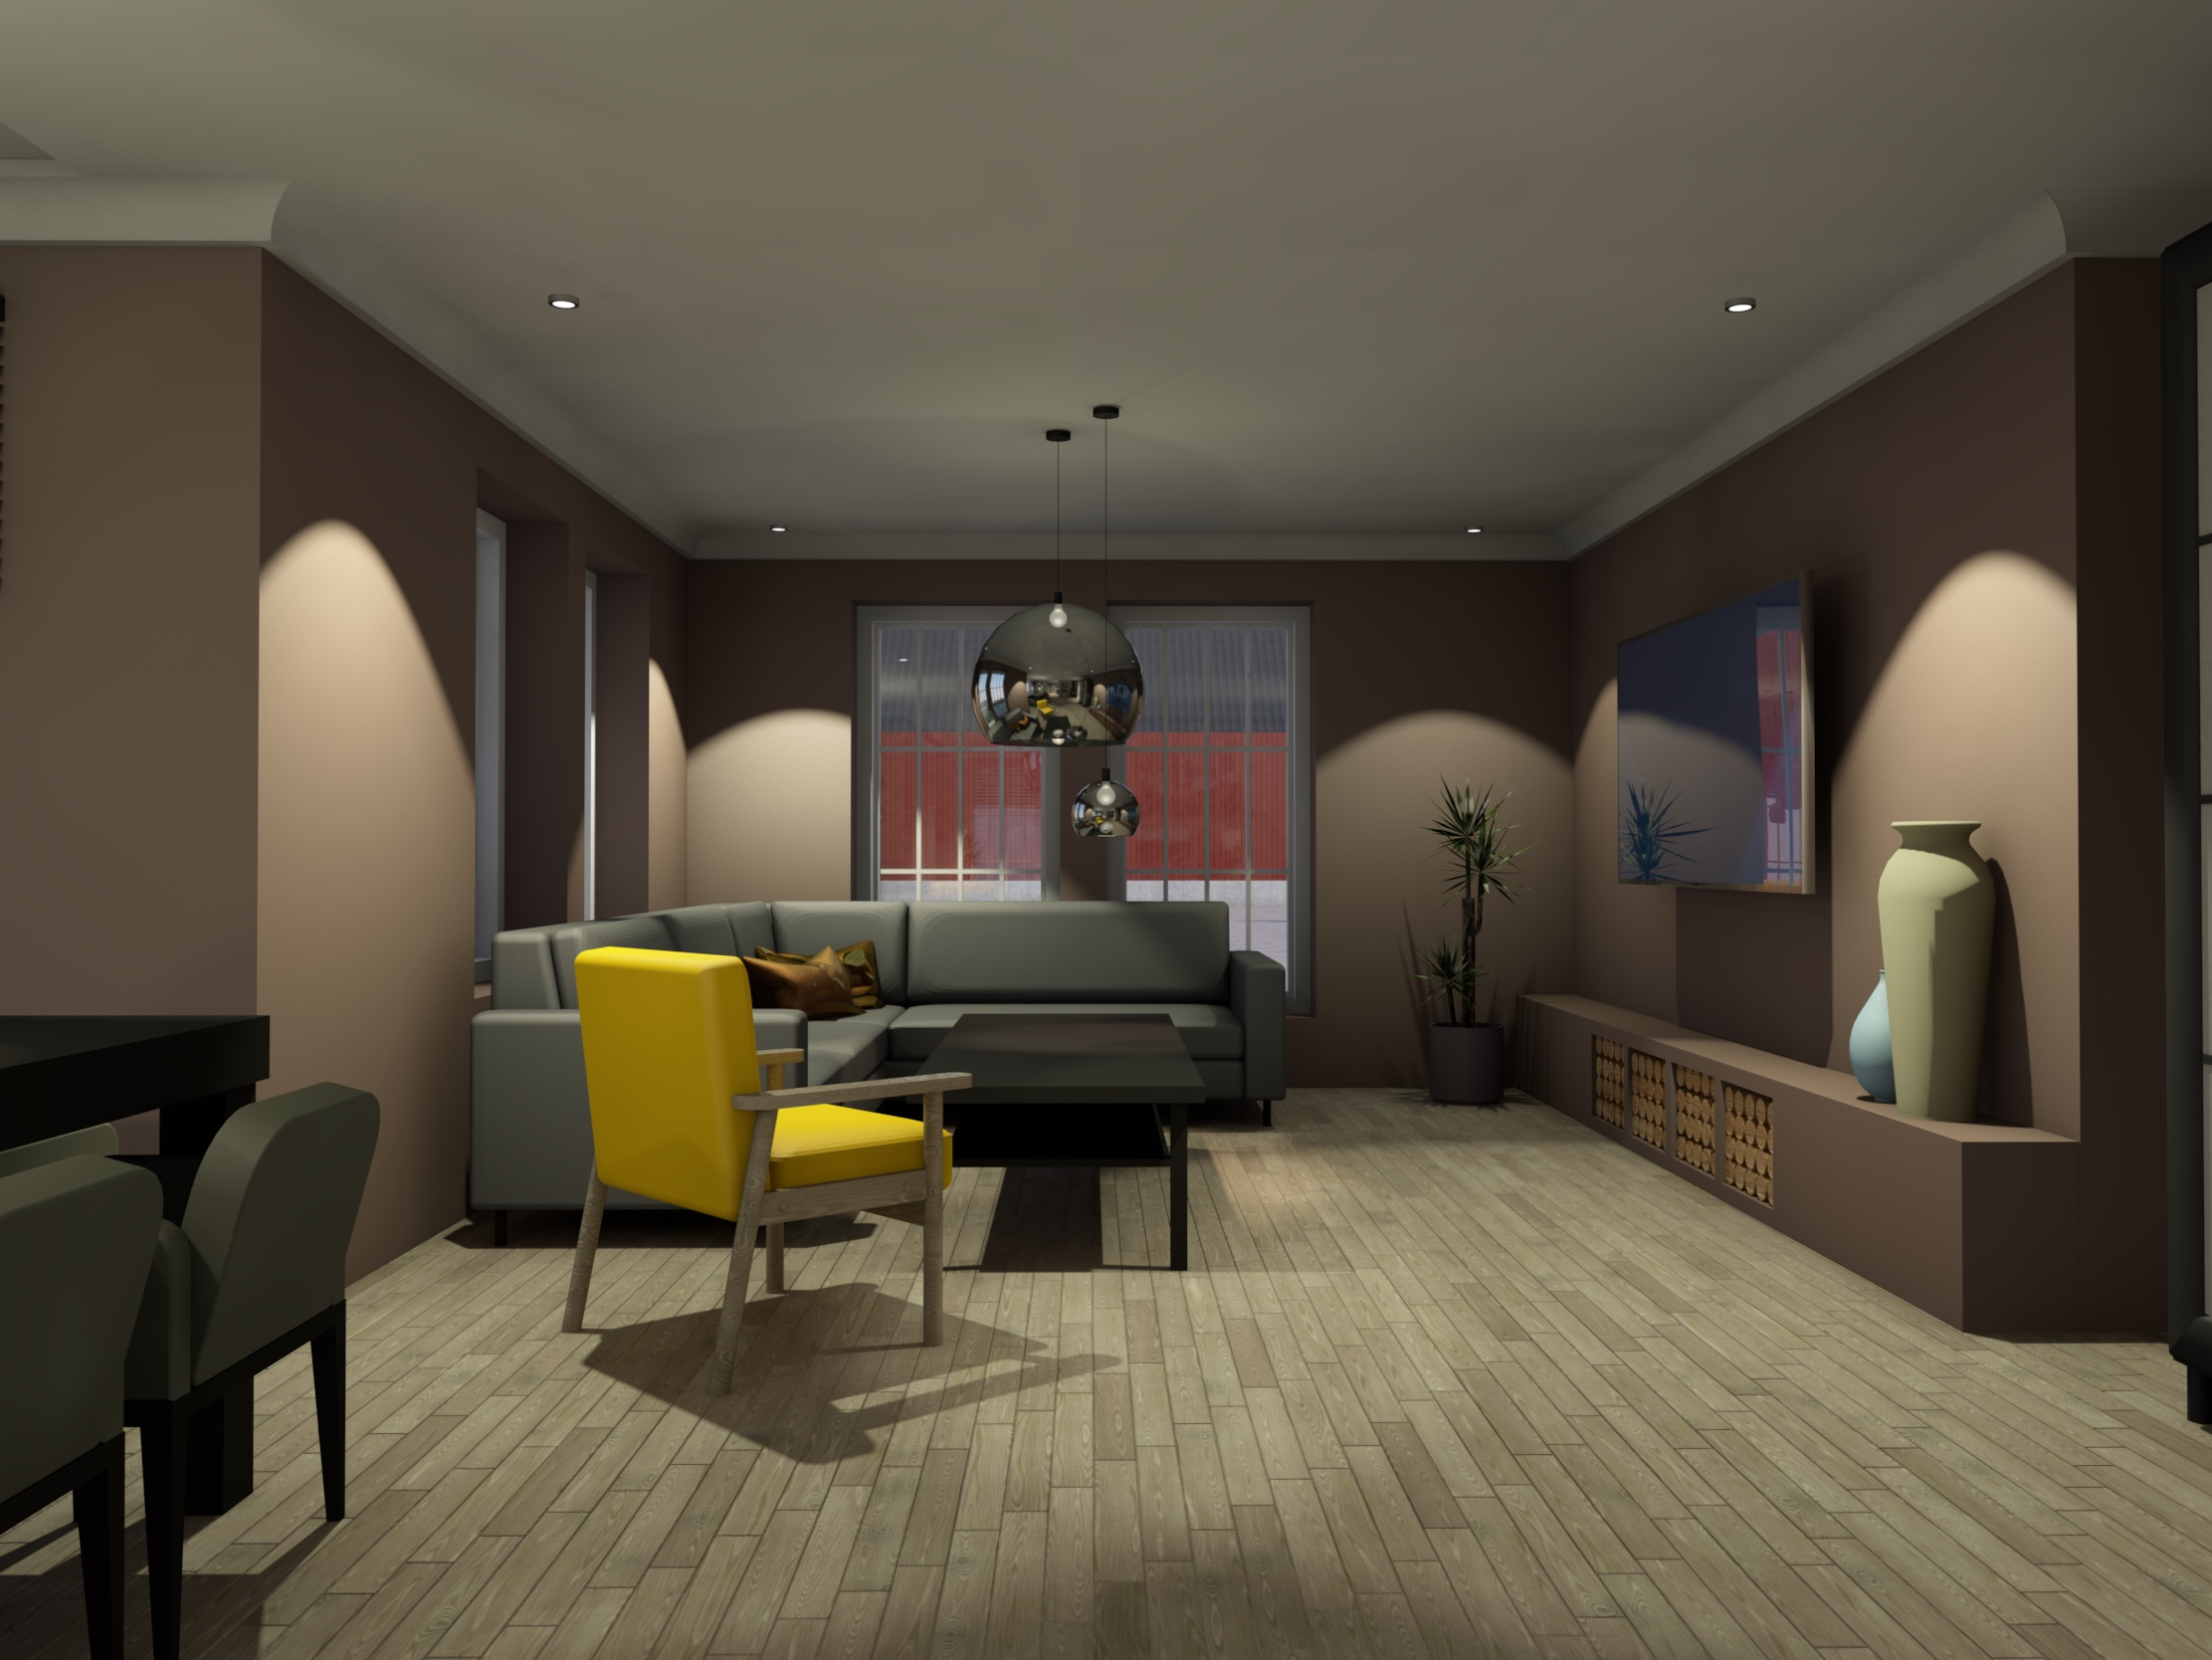 Stue med møblering og gul stol